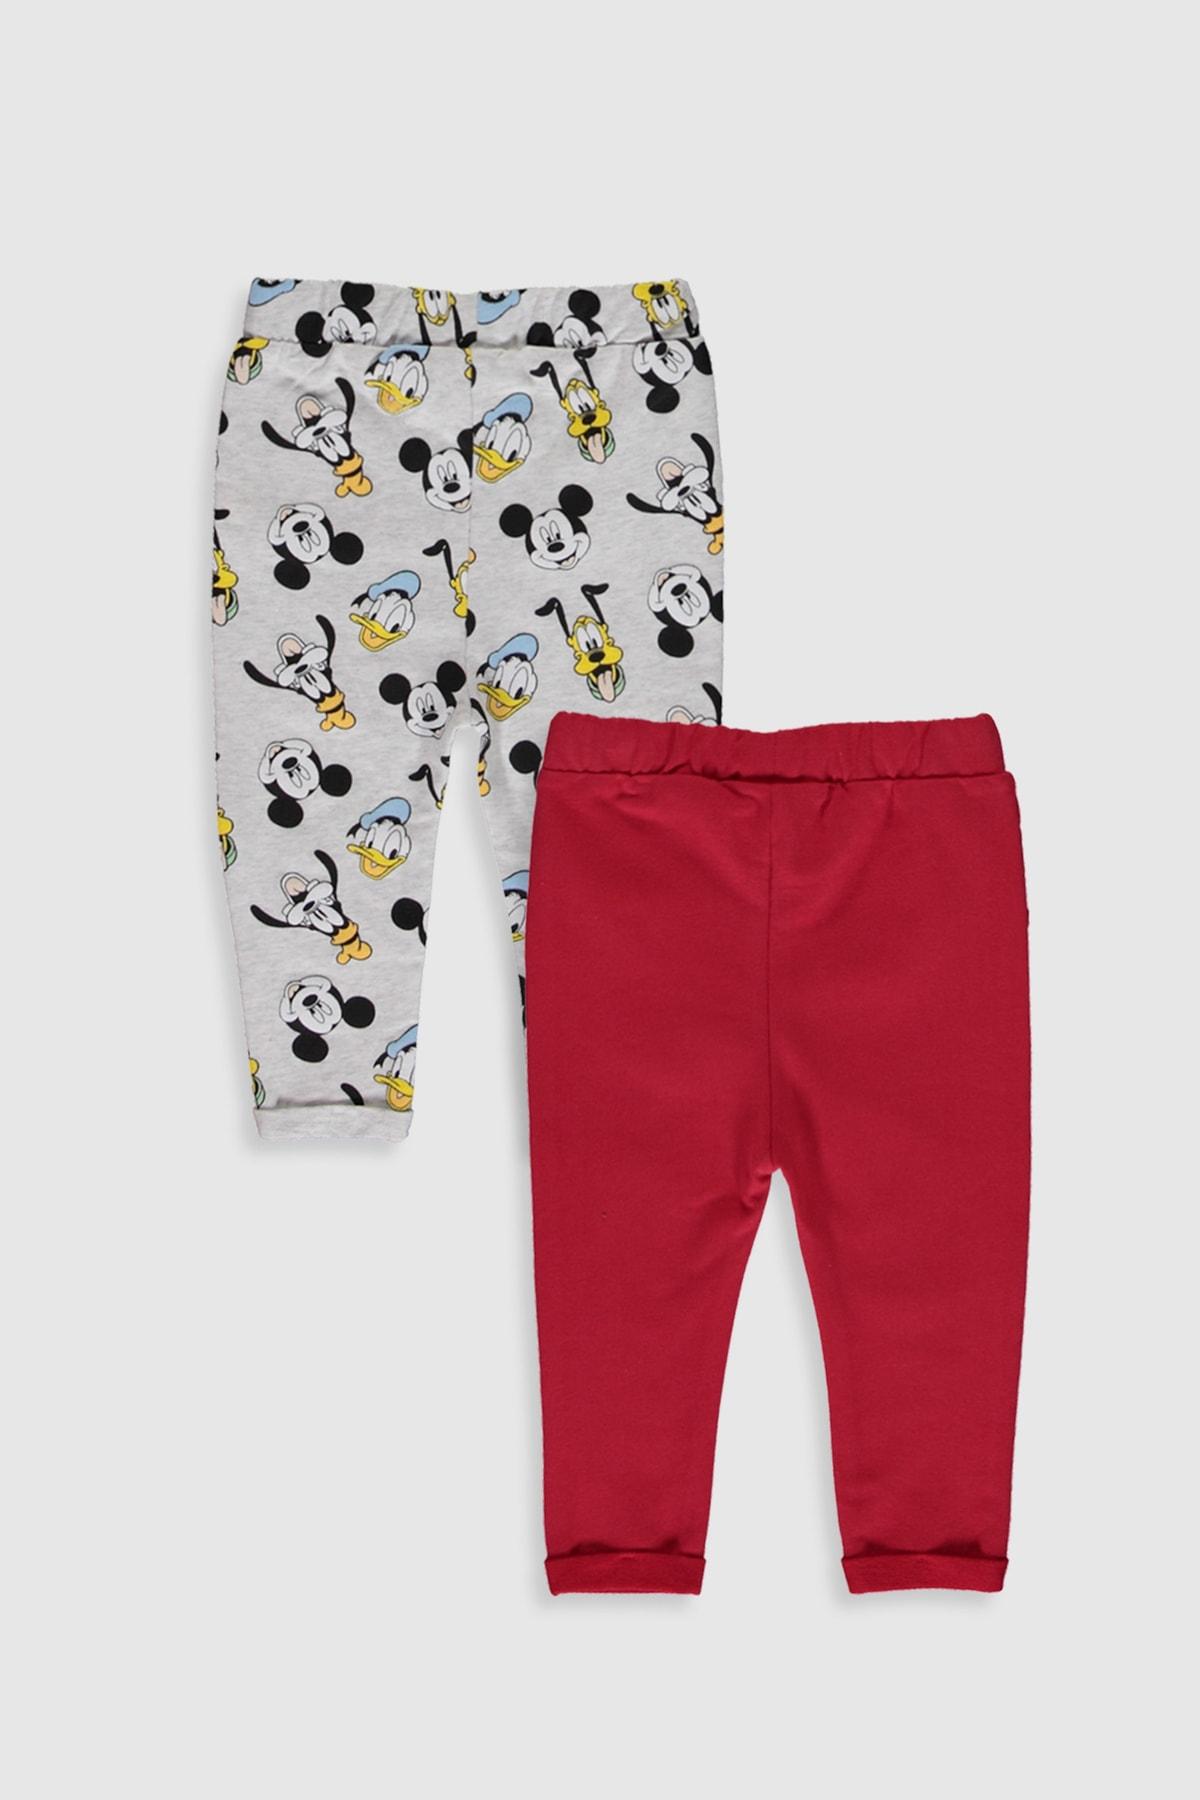 LC Waikiki Mickey Mouse Erkek Bebek Kırmızı Hpf Bebek Takımları 2